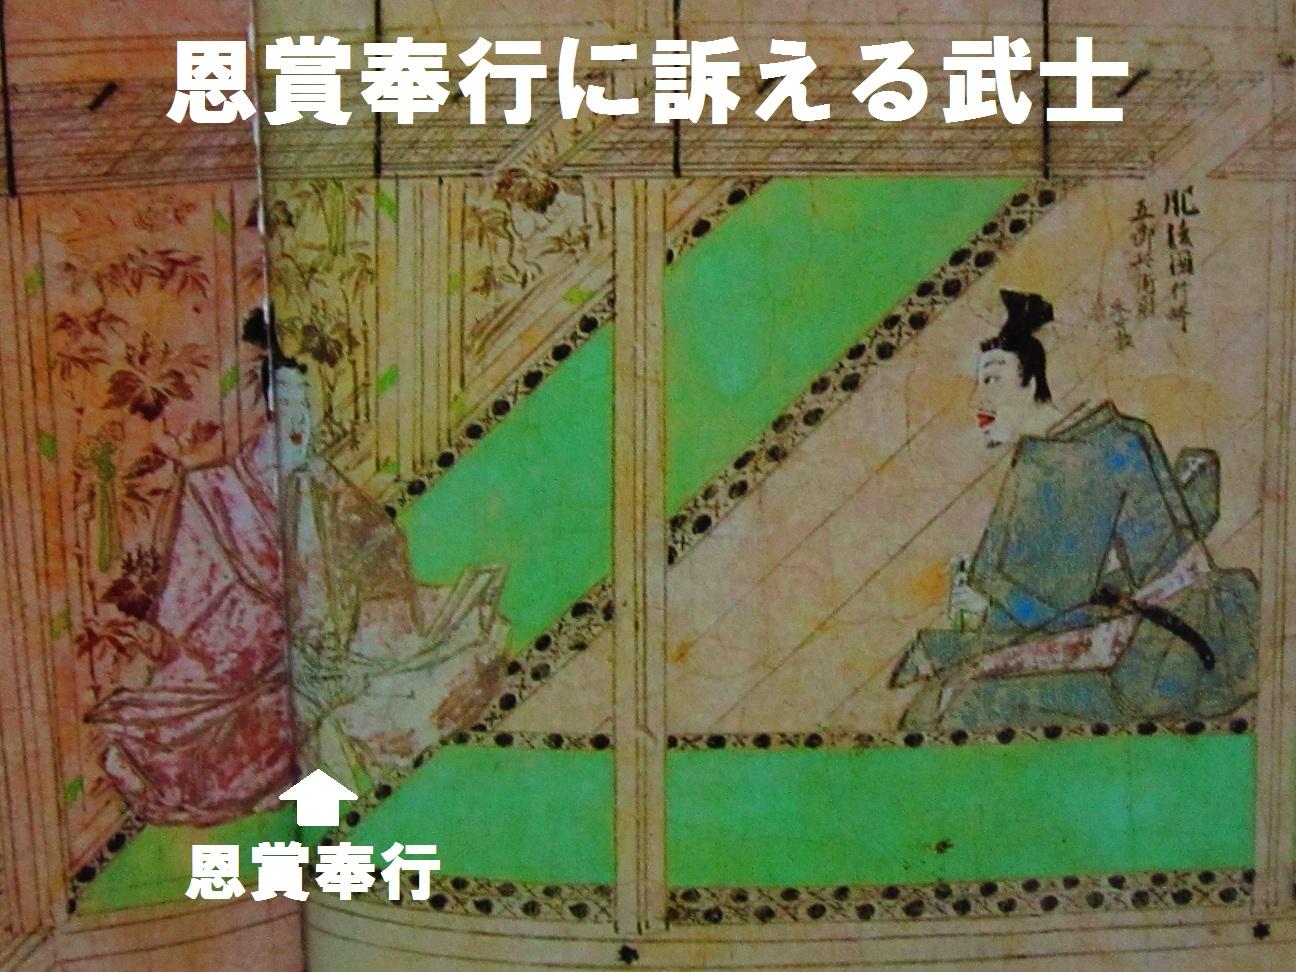 桃山日記: やまさん中世を歩く その18 鎌倉武士蔵本太郎信一